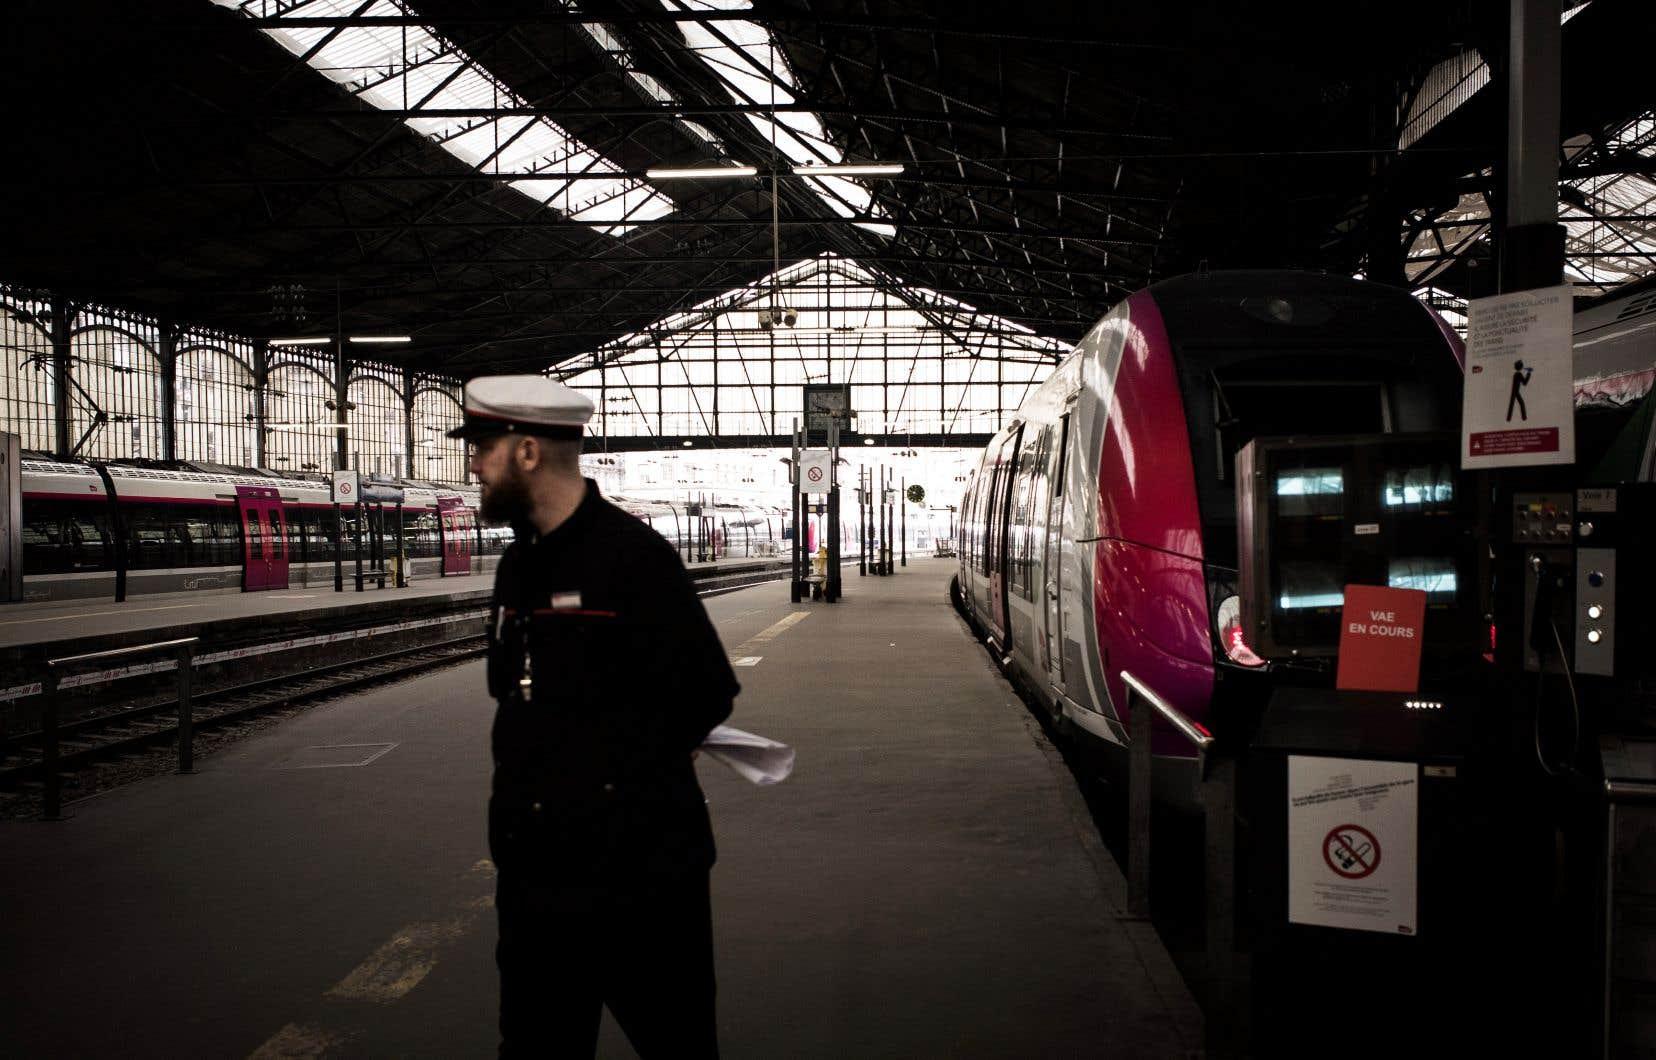 En 2007, le Conseil d'État français se déclare incompétent pour se prononcer sur la responsabilité de la compagnie ferroviaire SNCF dans la déportation des juifs pendant la Seconde Guerre mondiale.